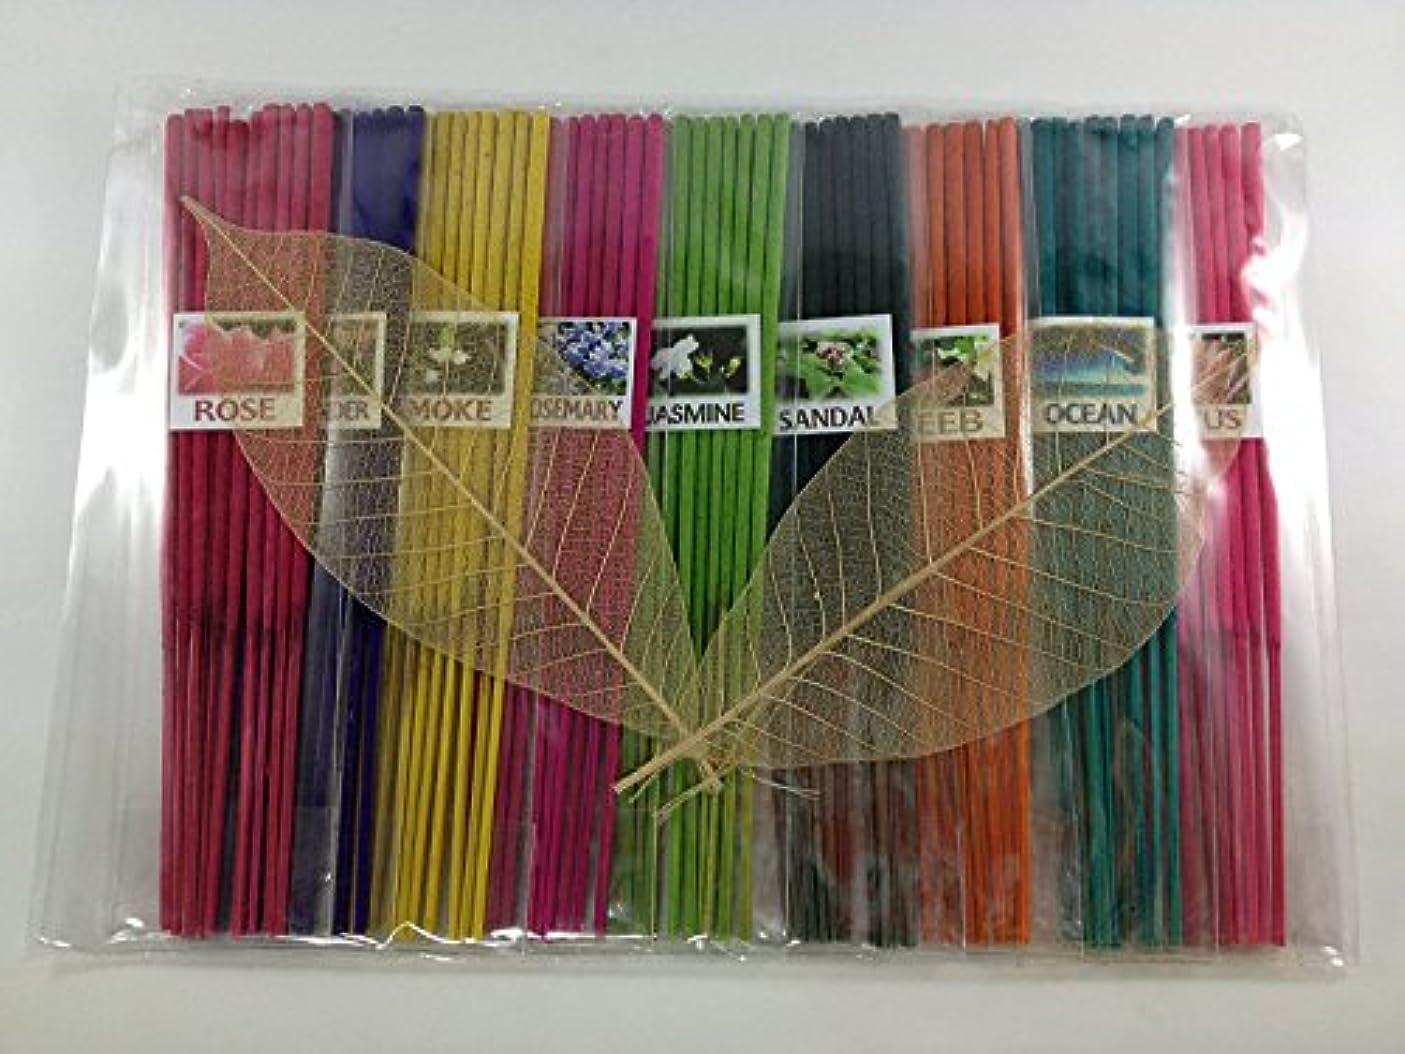 湿地不正確申込みThai Incense Sticks with 9 Aroma Smell - Moke Rosemary Jasmine Sandal Lotus Ocean Rose Lavender Peeb.